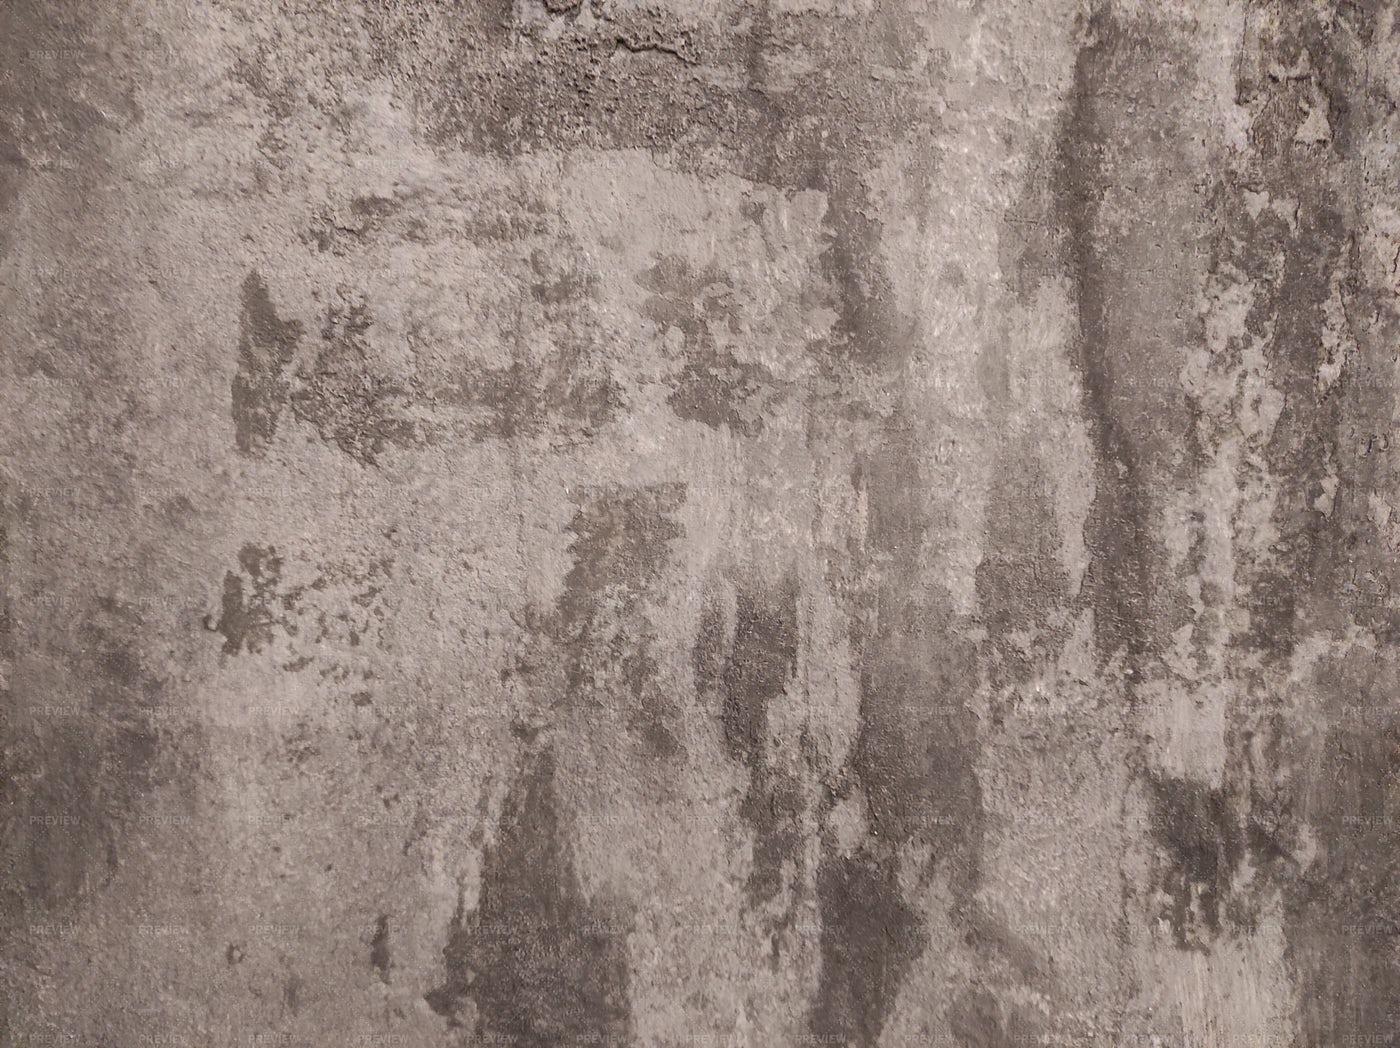 Grunge Concrete Wall: Stock Photos